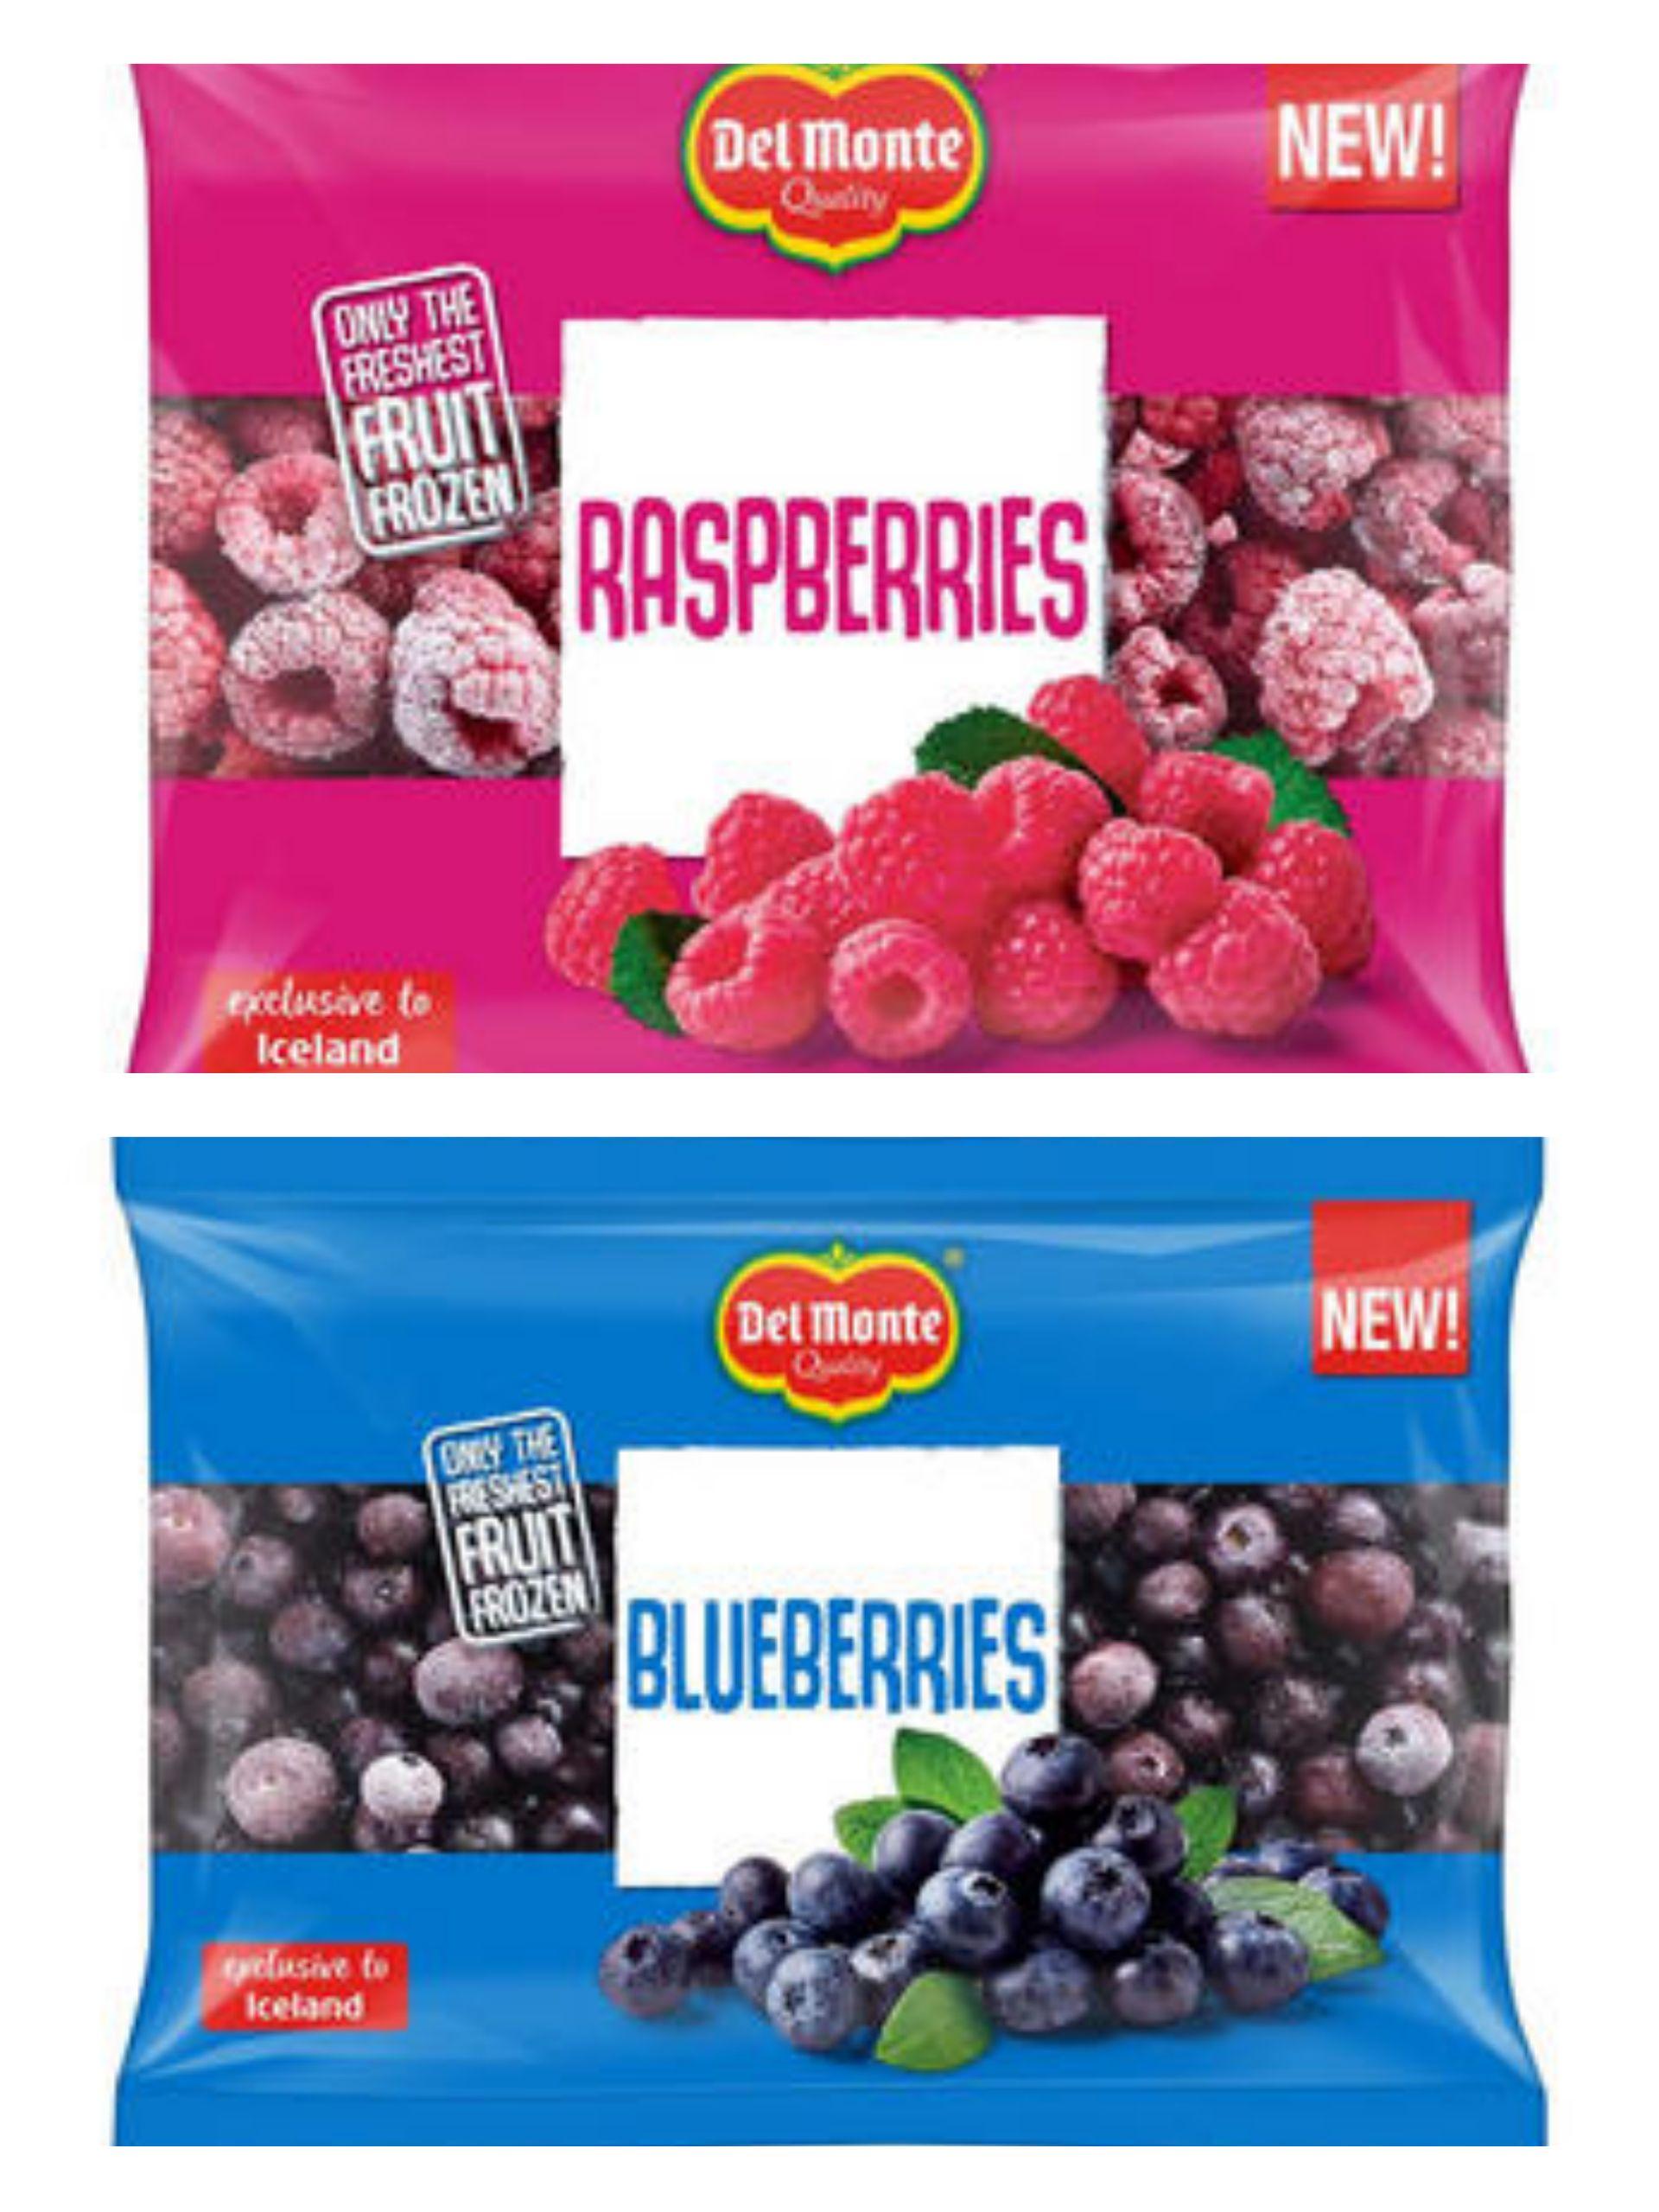 Del Monte Blueberries 400g / raspberries 300g 2 for £3 @ Iceland